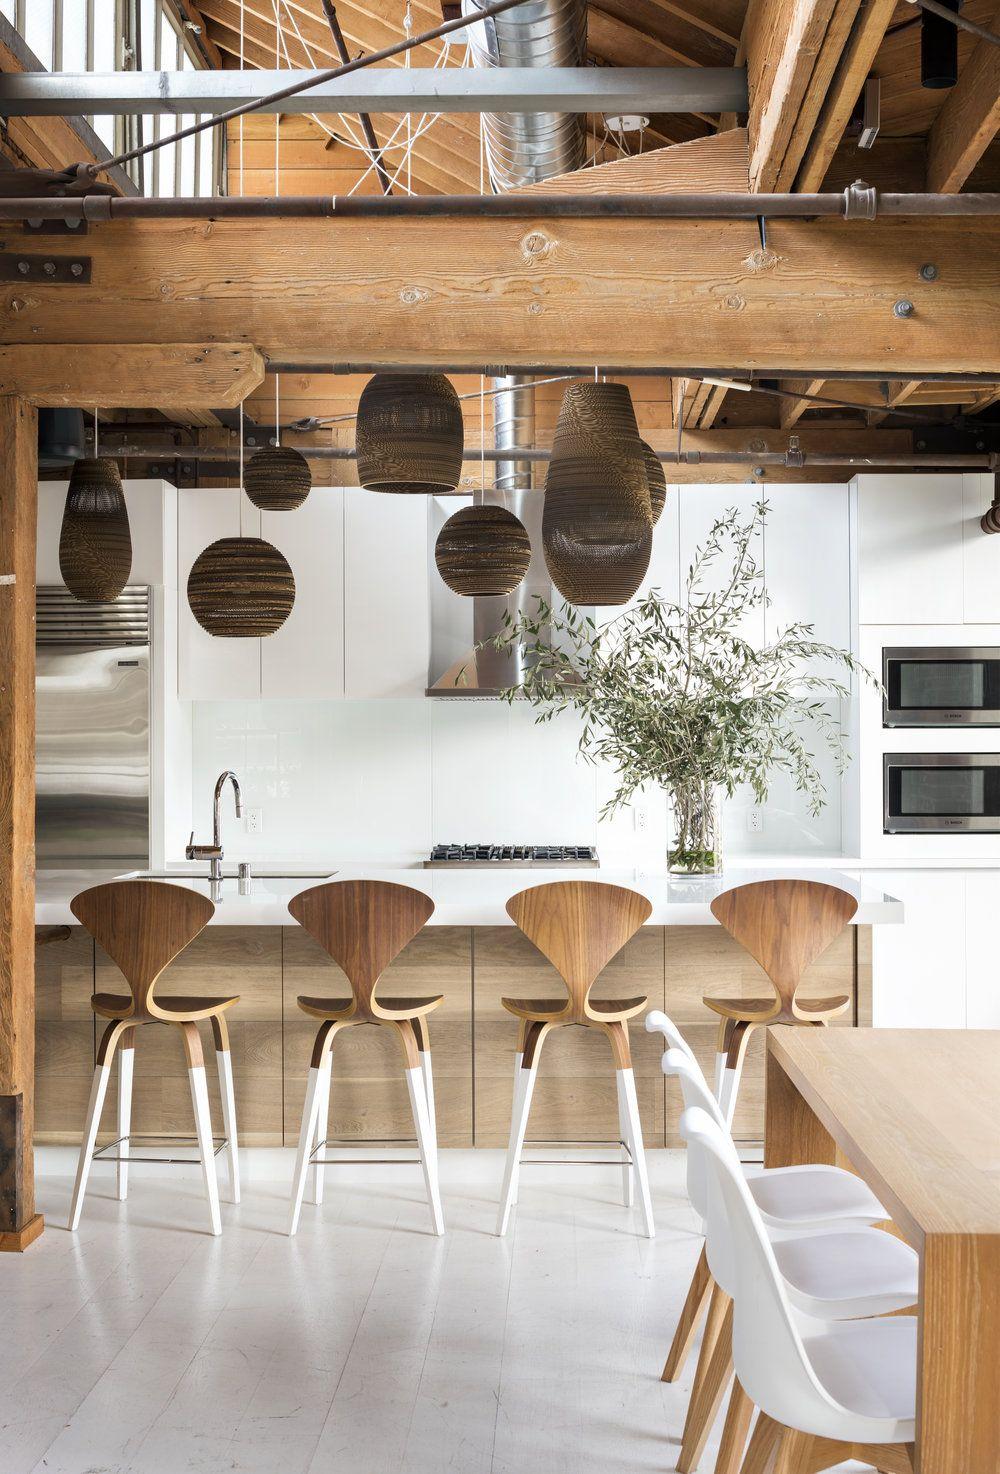 déco intérieure design graphique lumineux épurée blanc marron loft